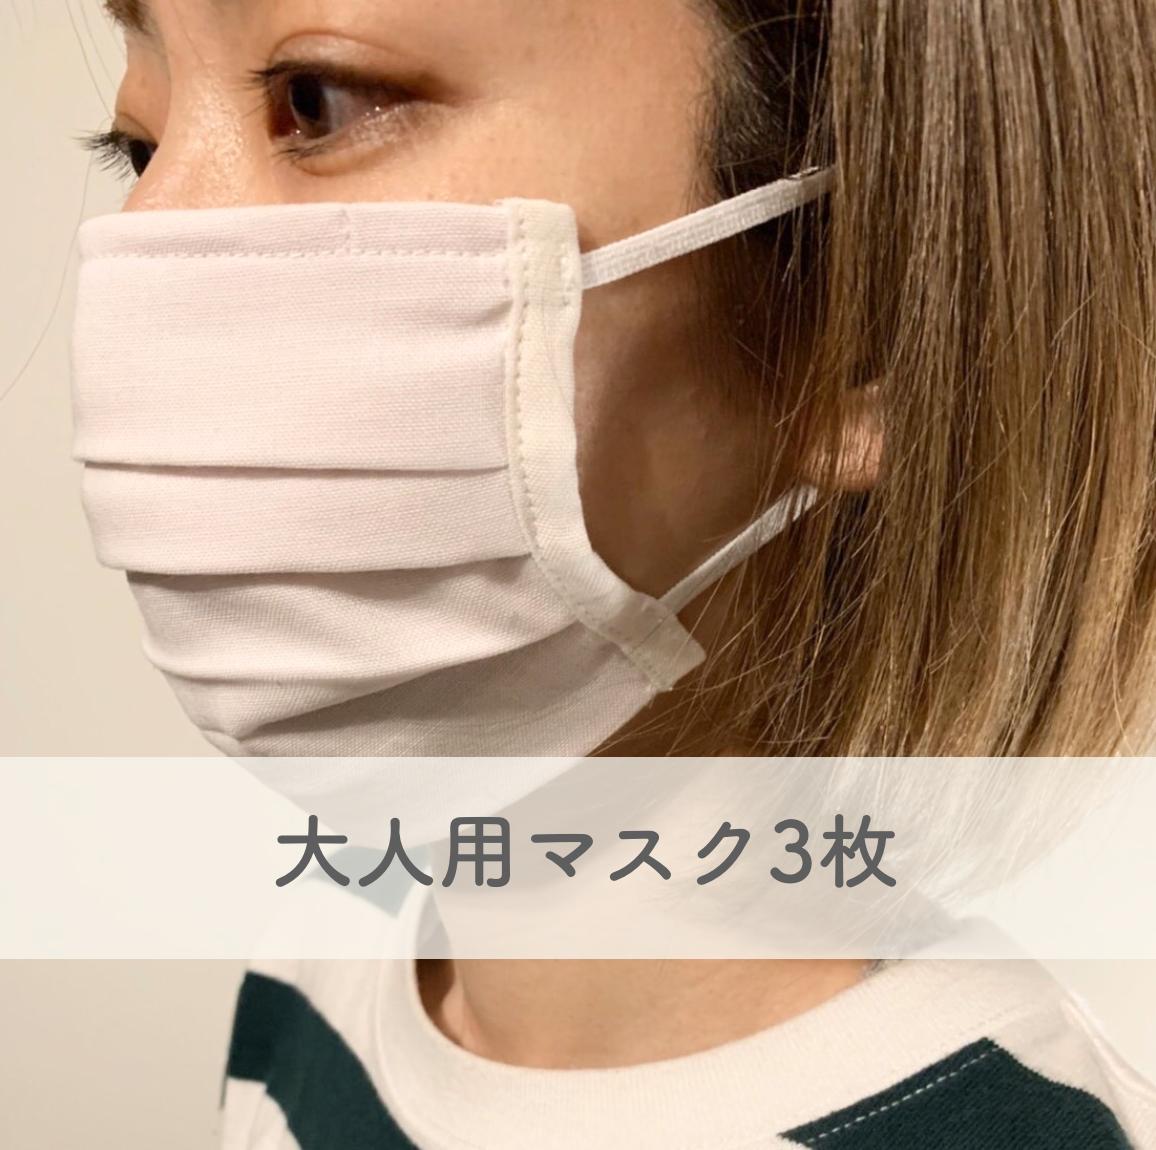 【再販 / 送料無料】LUCYオリジナルオーガニックコットンマスク(フジイロ3枚セット)